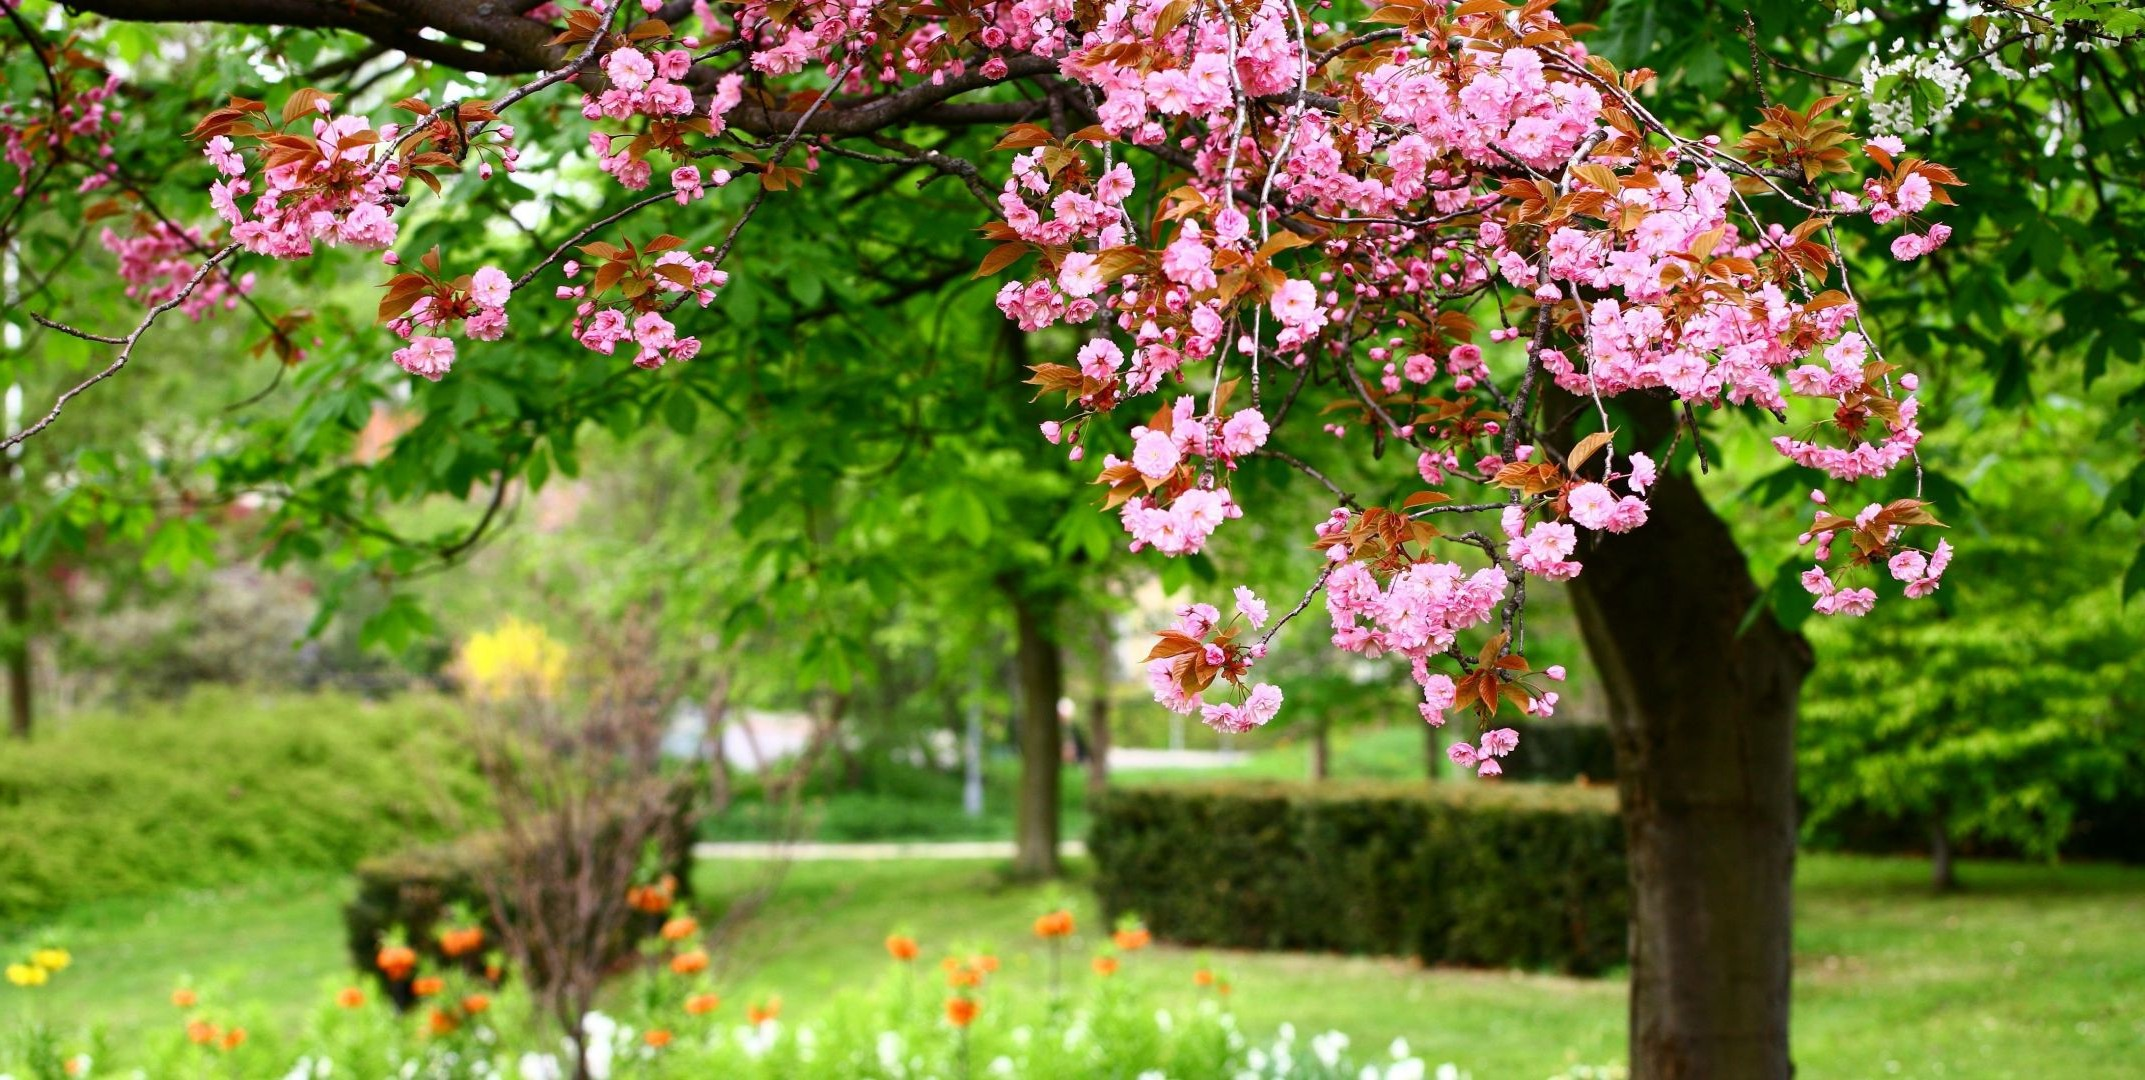 цветущие деревья во дворе  № 532016 загрузить